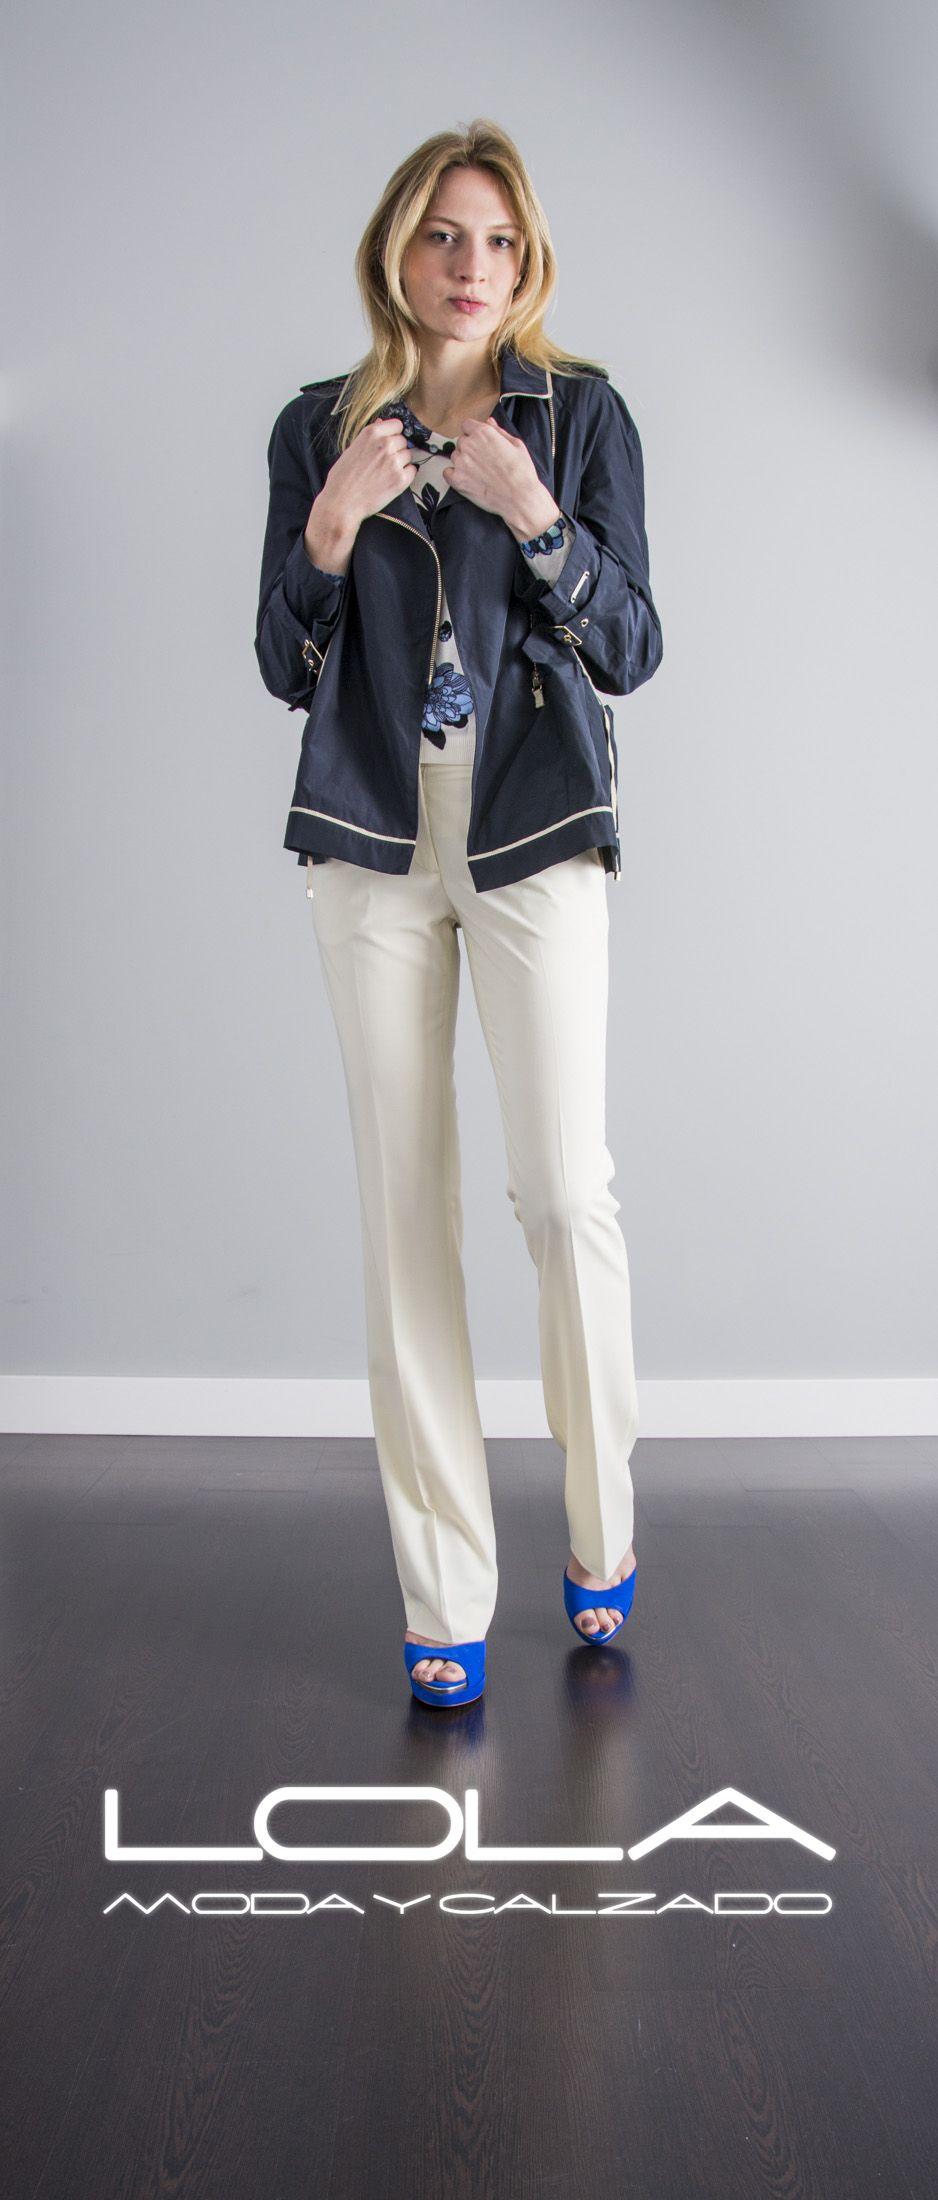 Tus noches de verano no te cogerán desprevenida, elegancia TWIN SET en tu chaqueta.  Pincha este enlace para comprar tu cazadora en nuestra tienda on line:  http://lolamodaycalzado.es/primavera-verano/556-cazadora-azul-marino-twin-set.html